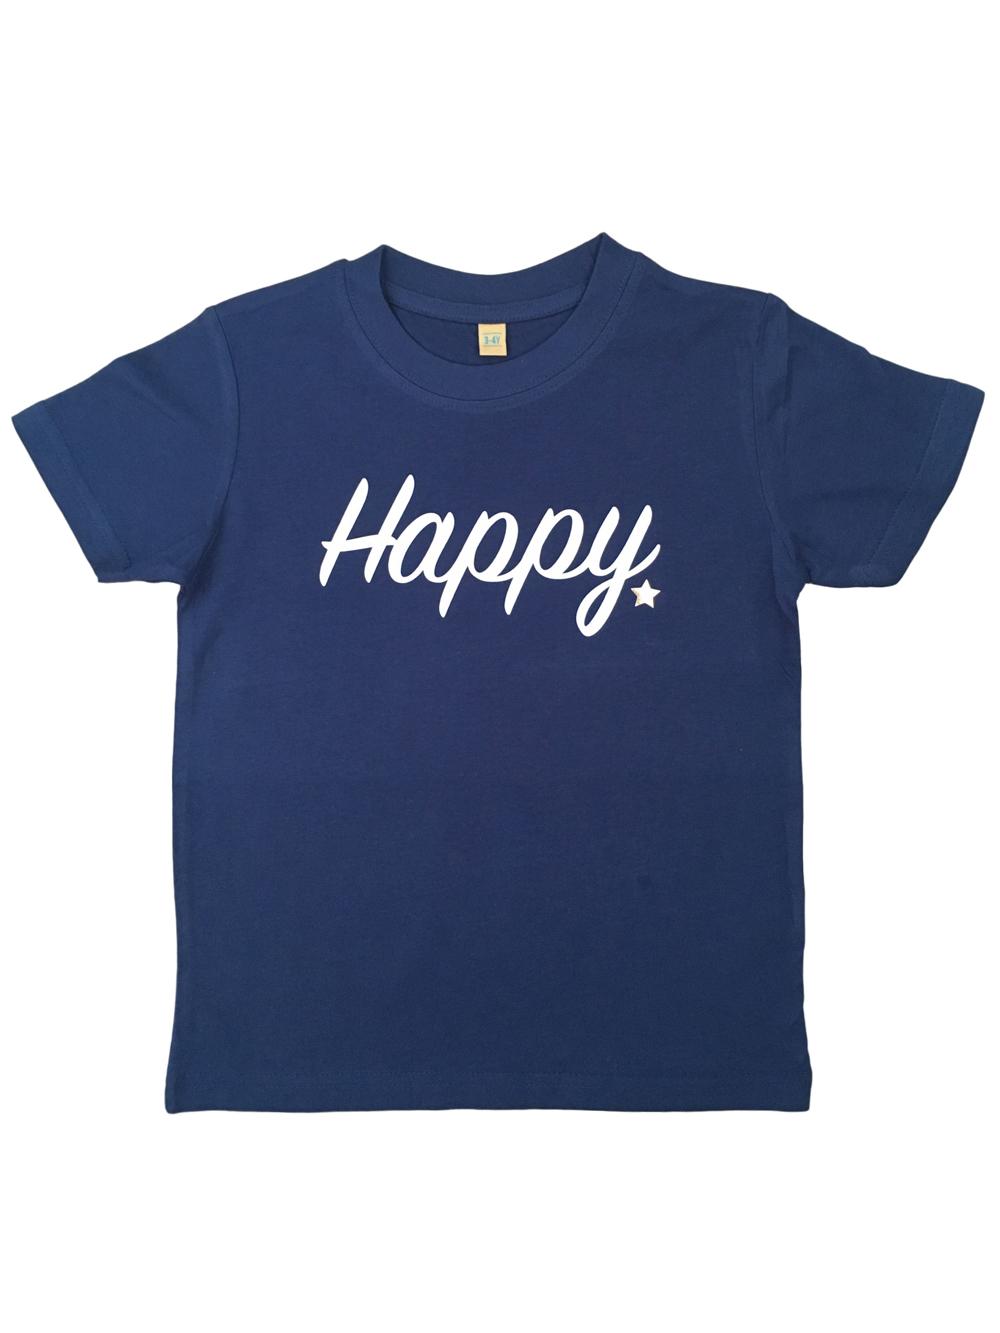 Happy Childrens Tshirt